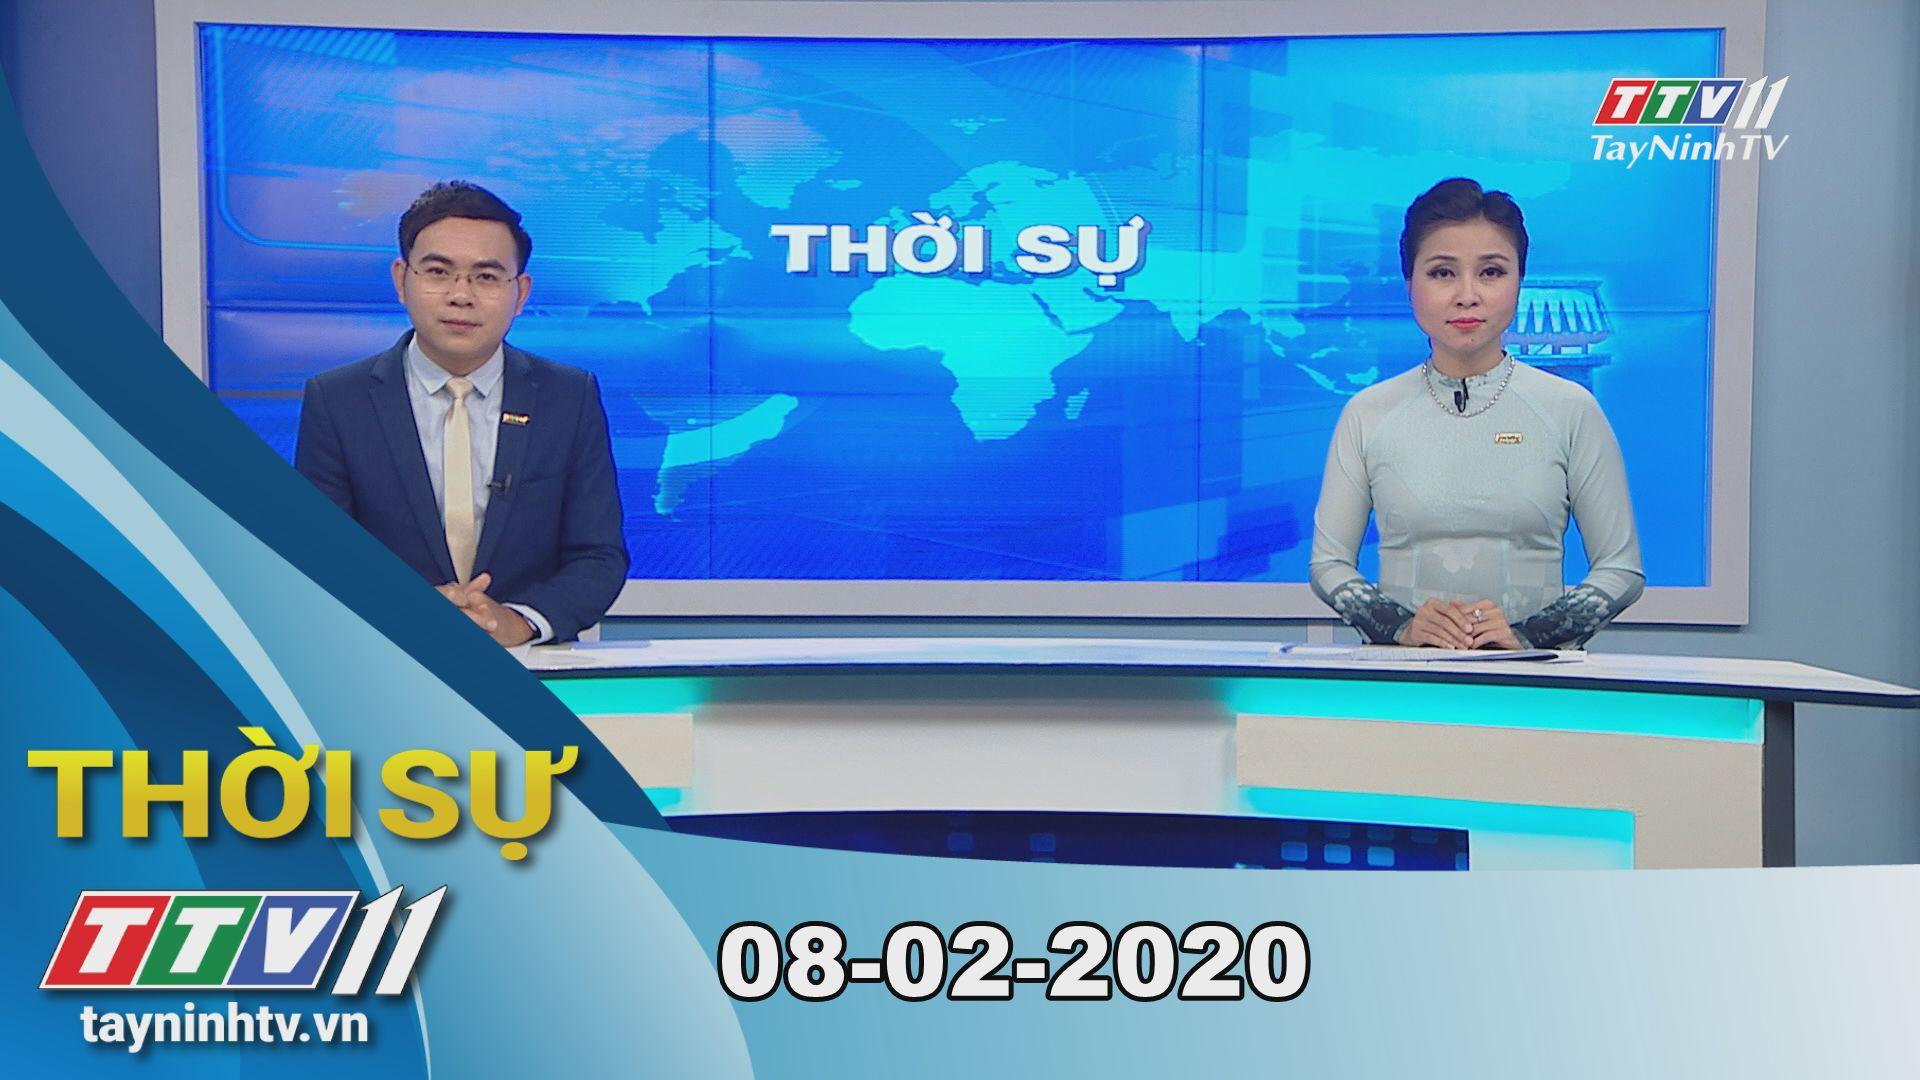 Thời sự Tây Ninh 08-02-2020 | Tin tức hôm nay | TayNinhTV